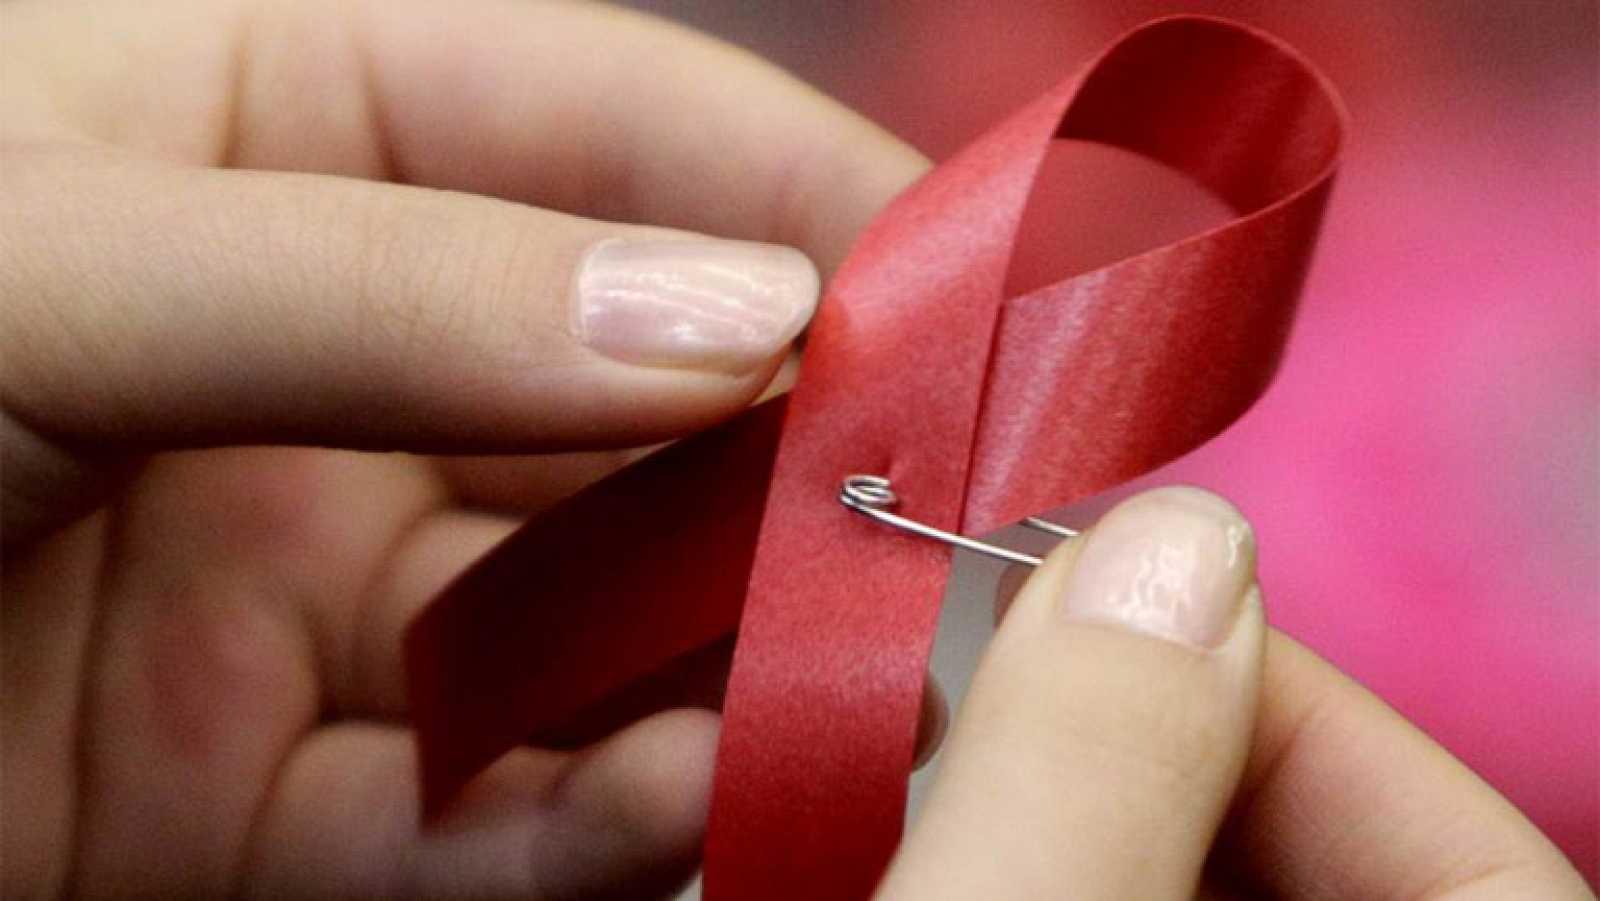 Los médicos alertan de que se está bajando la guardia en la prevención del VIH